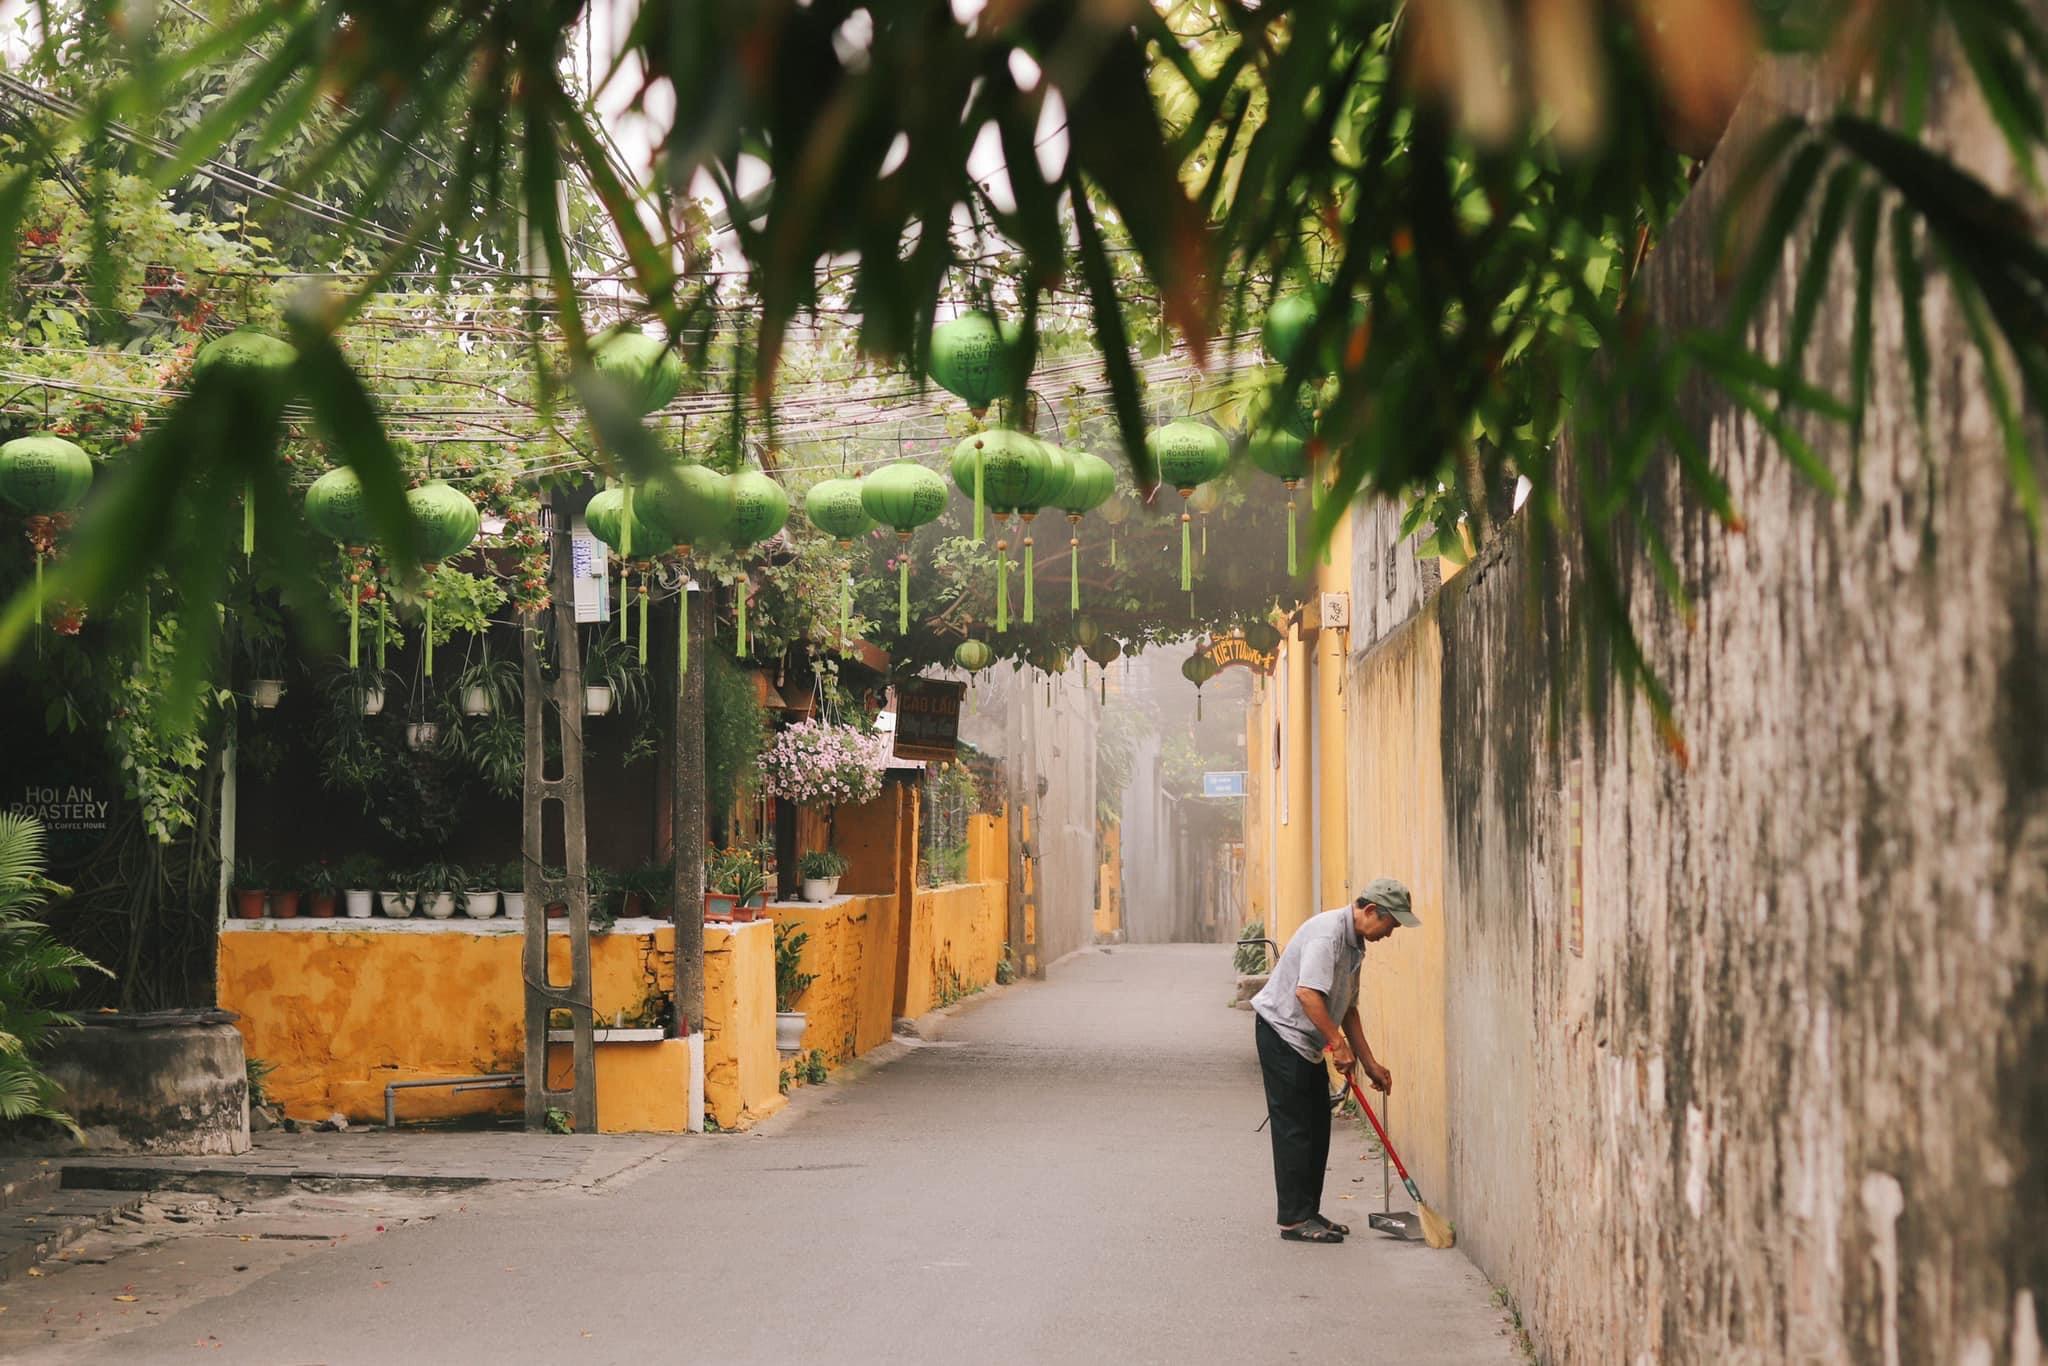 Hình ảnh những con phố nhỏ ở Hội An lúc sáng sớm